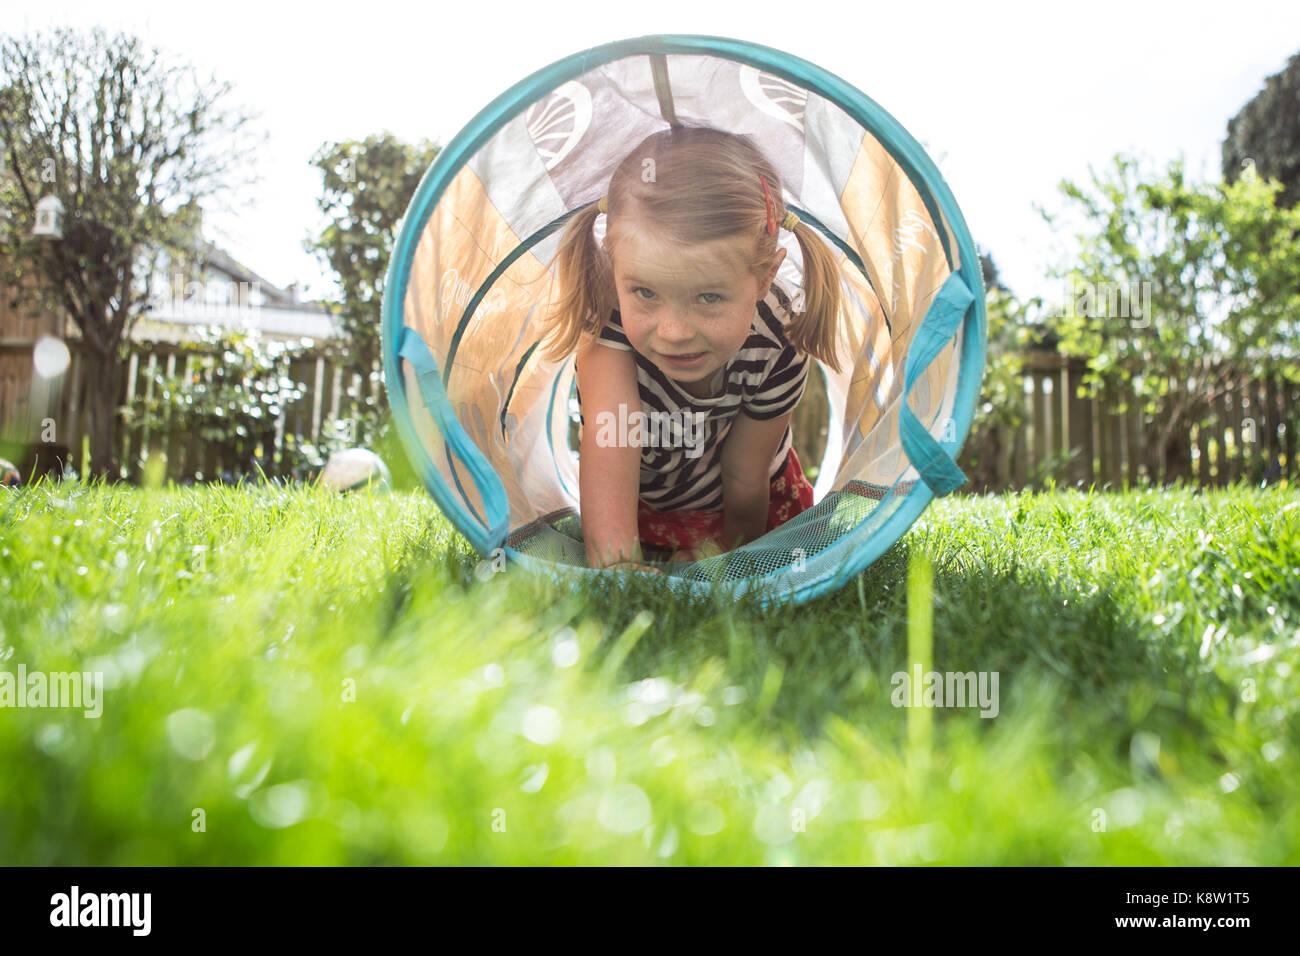 Niña jugando en el jardín Imagen De Stock